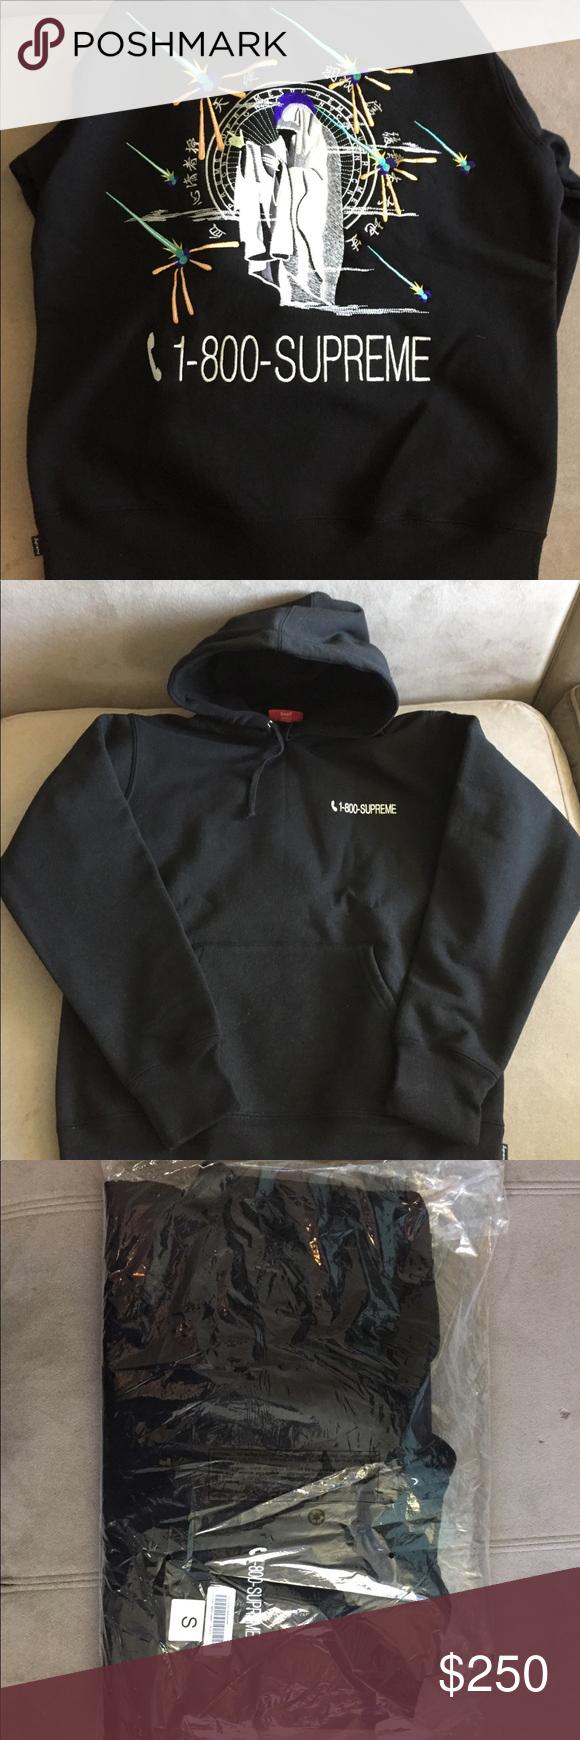 Supreme 1 800 Hooded Sweatshirt Hooded Sweatshirts Sweatshirts Supreme Shirt [ 1740 x 580 Pixel ]